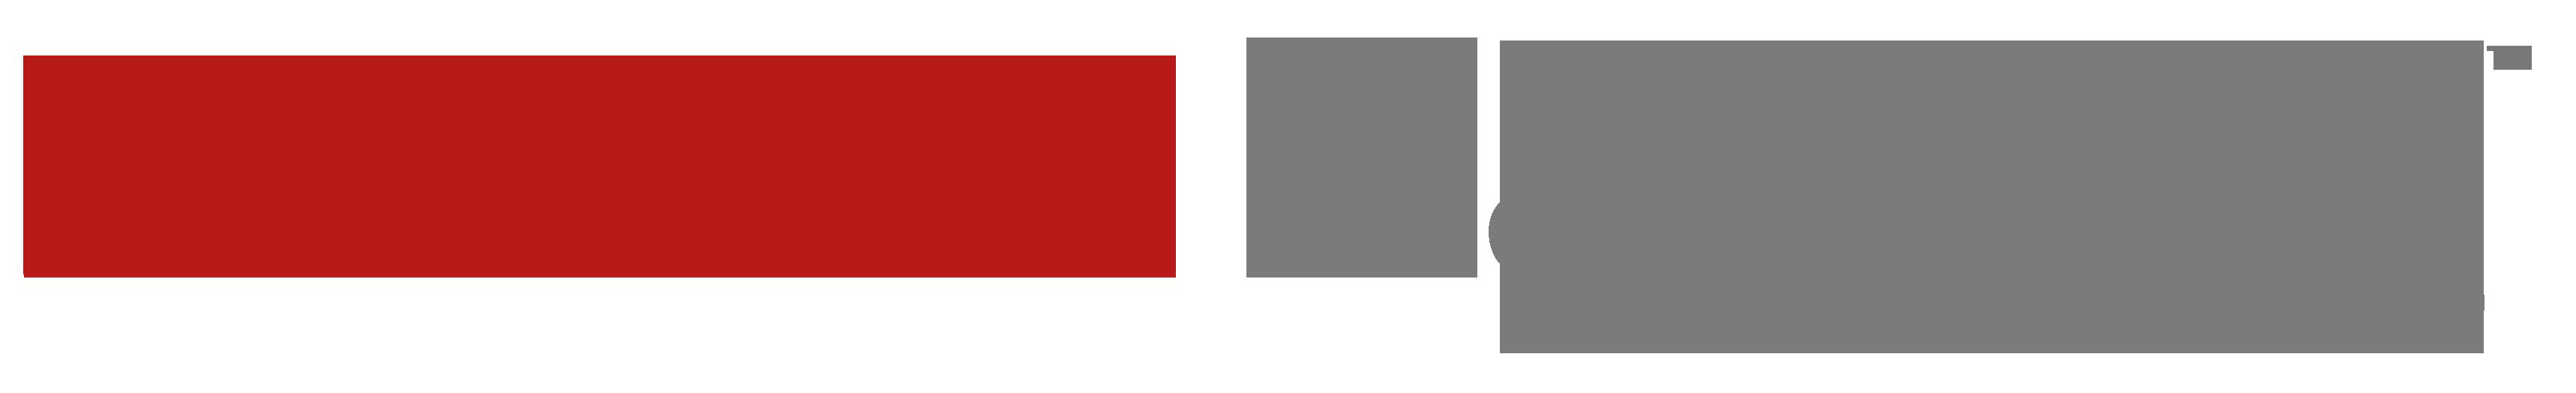 Direzione-Marketing-SN